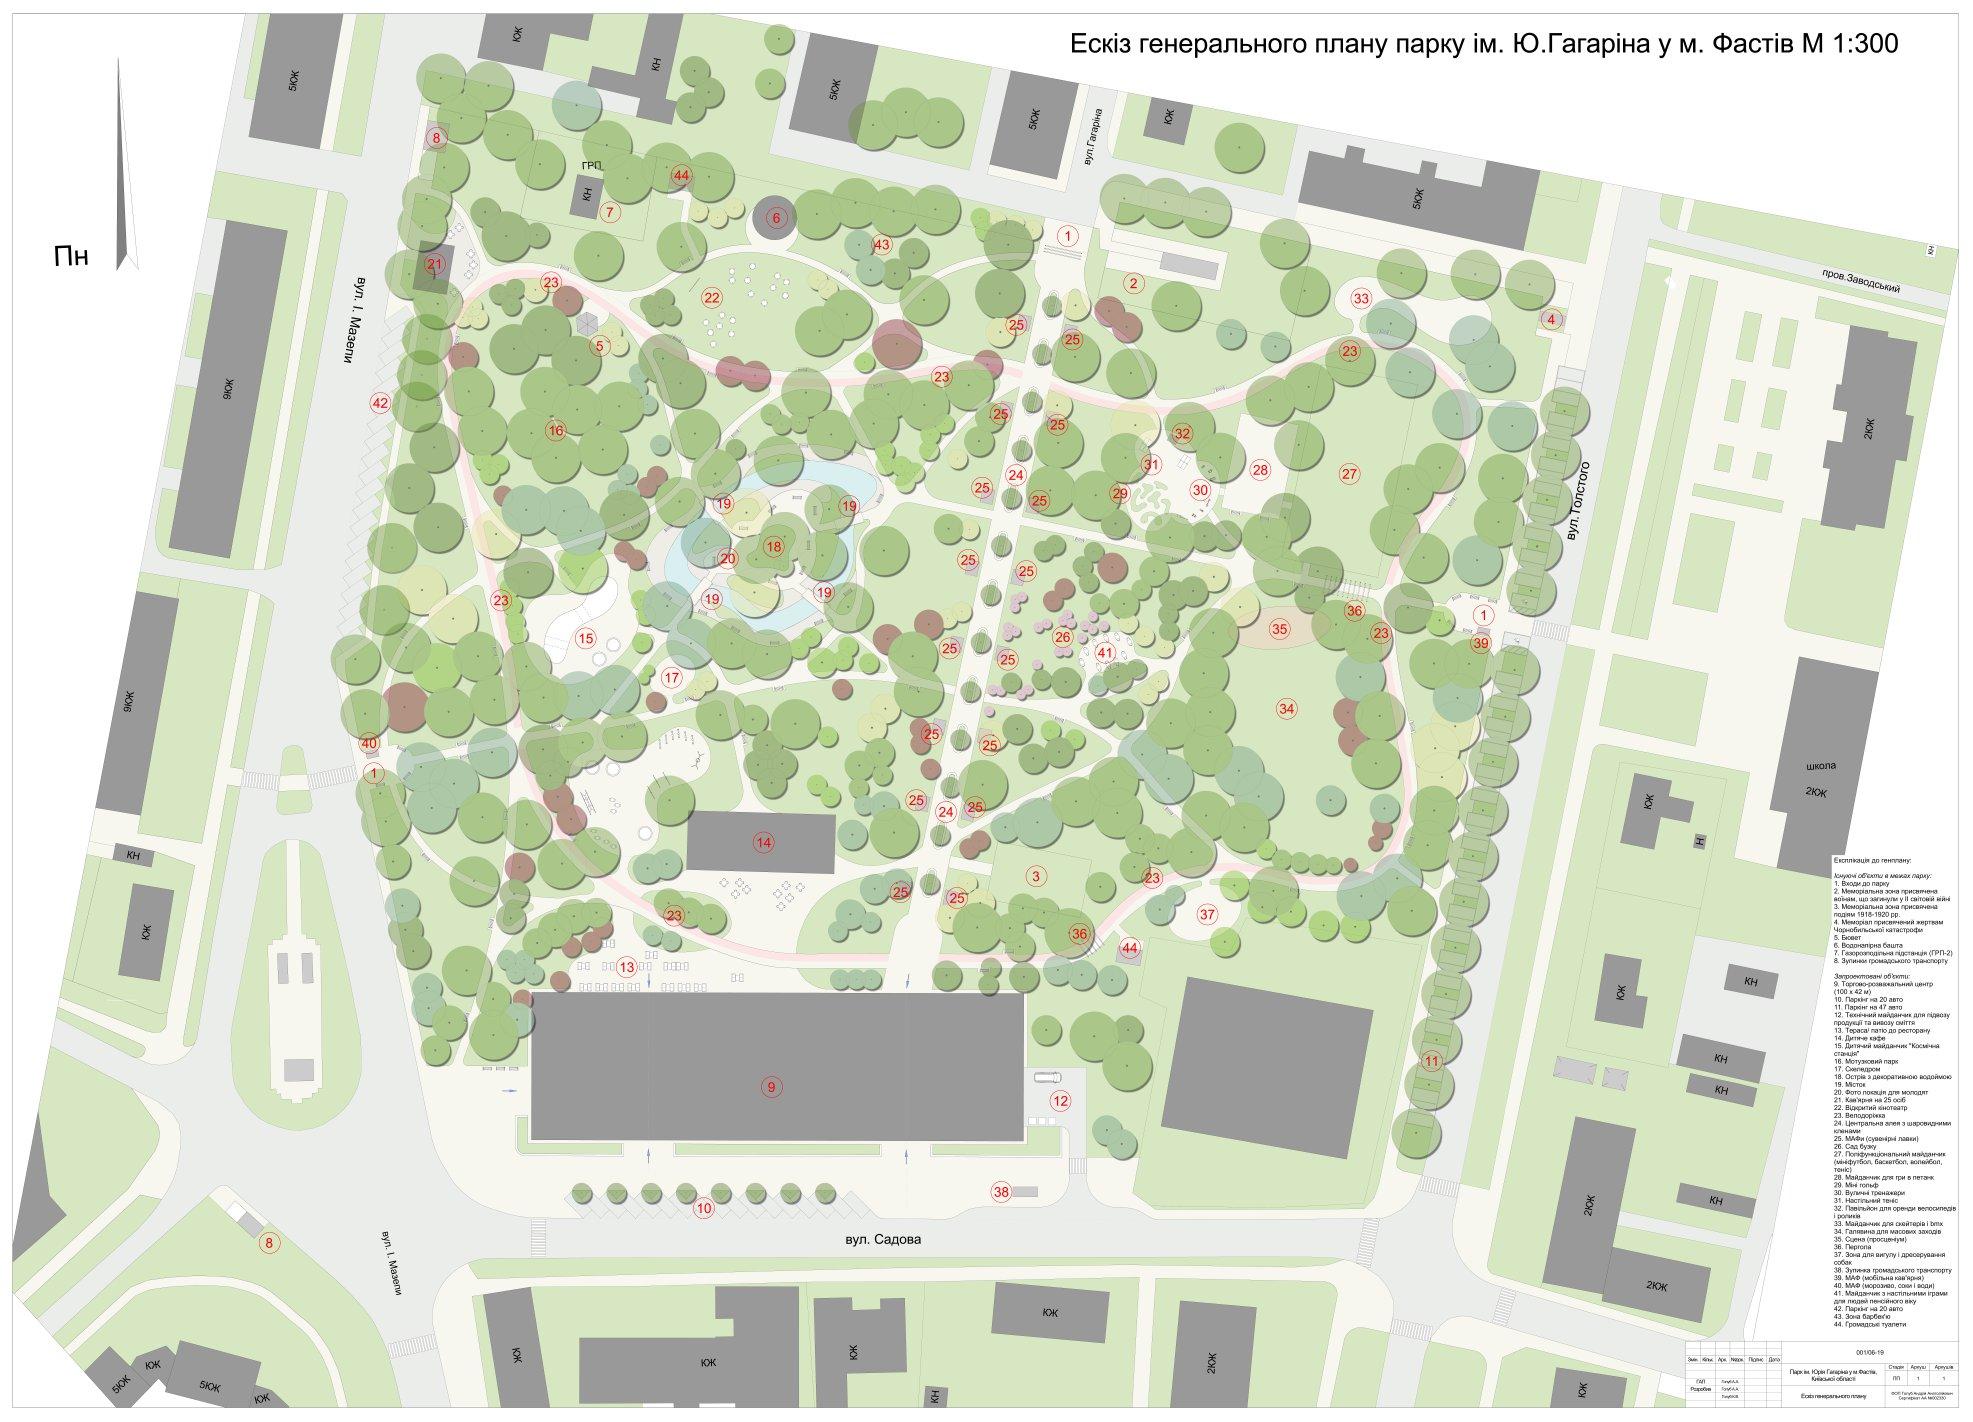 У Фастові оприлюднили проєкт реконструкції міського парку імені Гагаріна - Фастів, реконструкція, парк імені Гагаріна - 93584133 2937889909665011 6383473135991128064 o